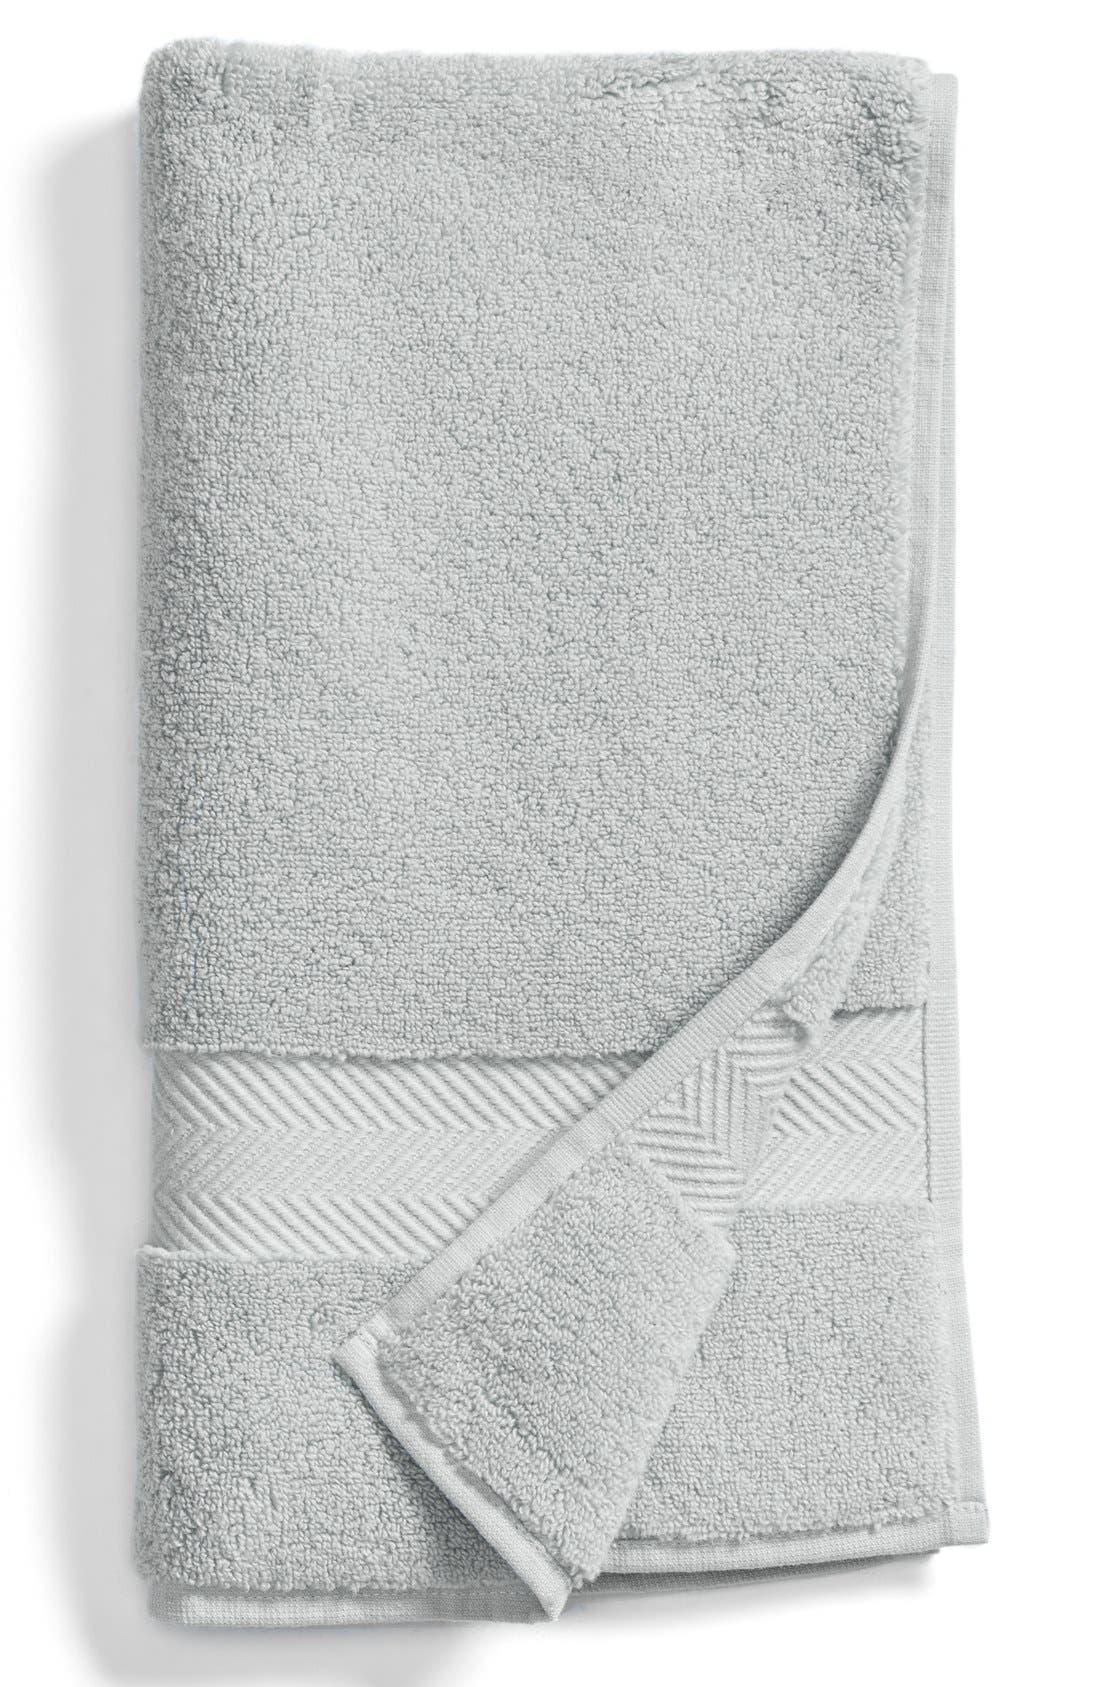 Hydrocotton Hand Towel,                         Main,                         color, GREY VAPOR